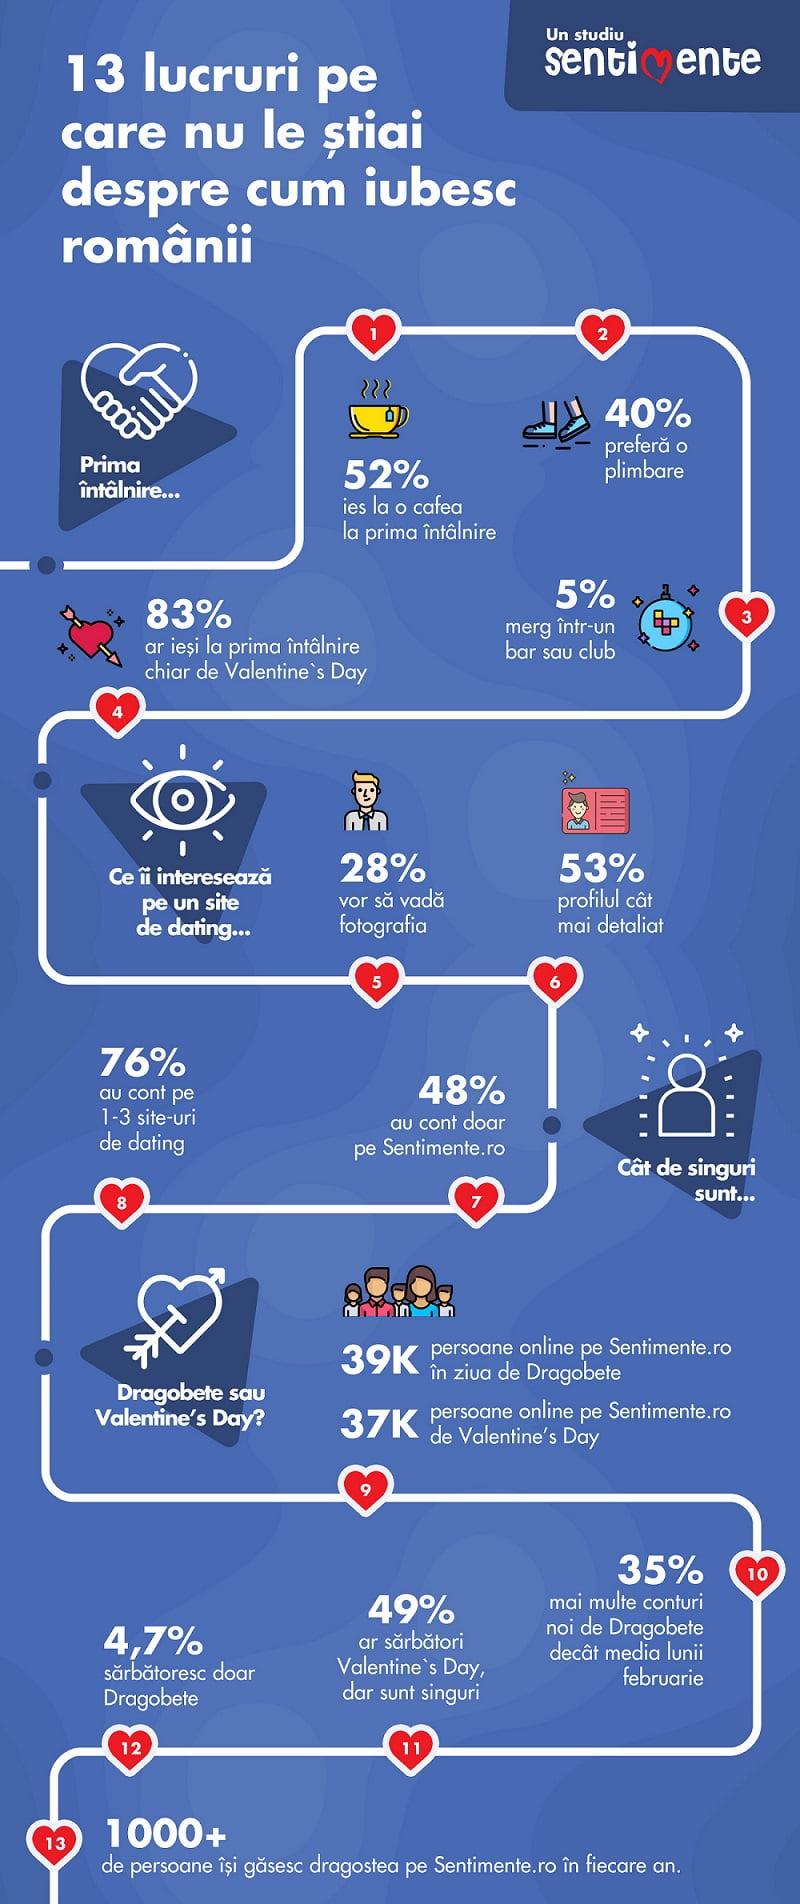 Un site de dating foloseste Inteligenta Artificiala pentru validari